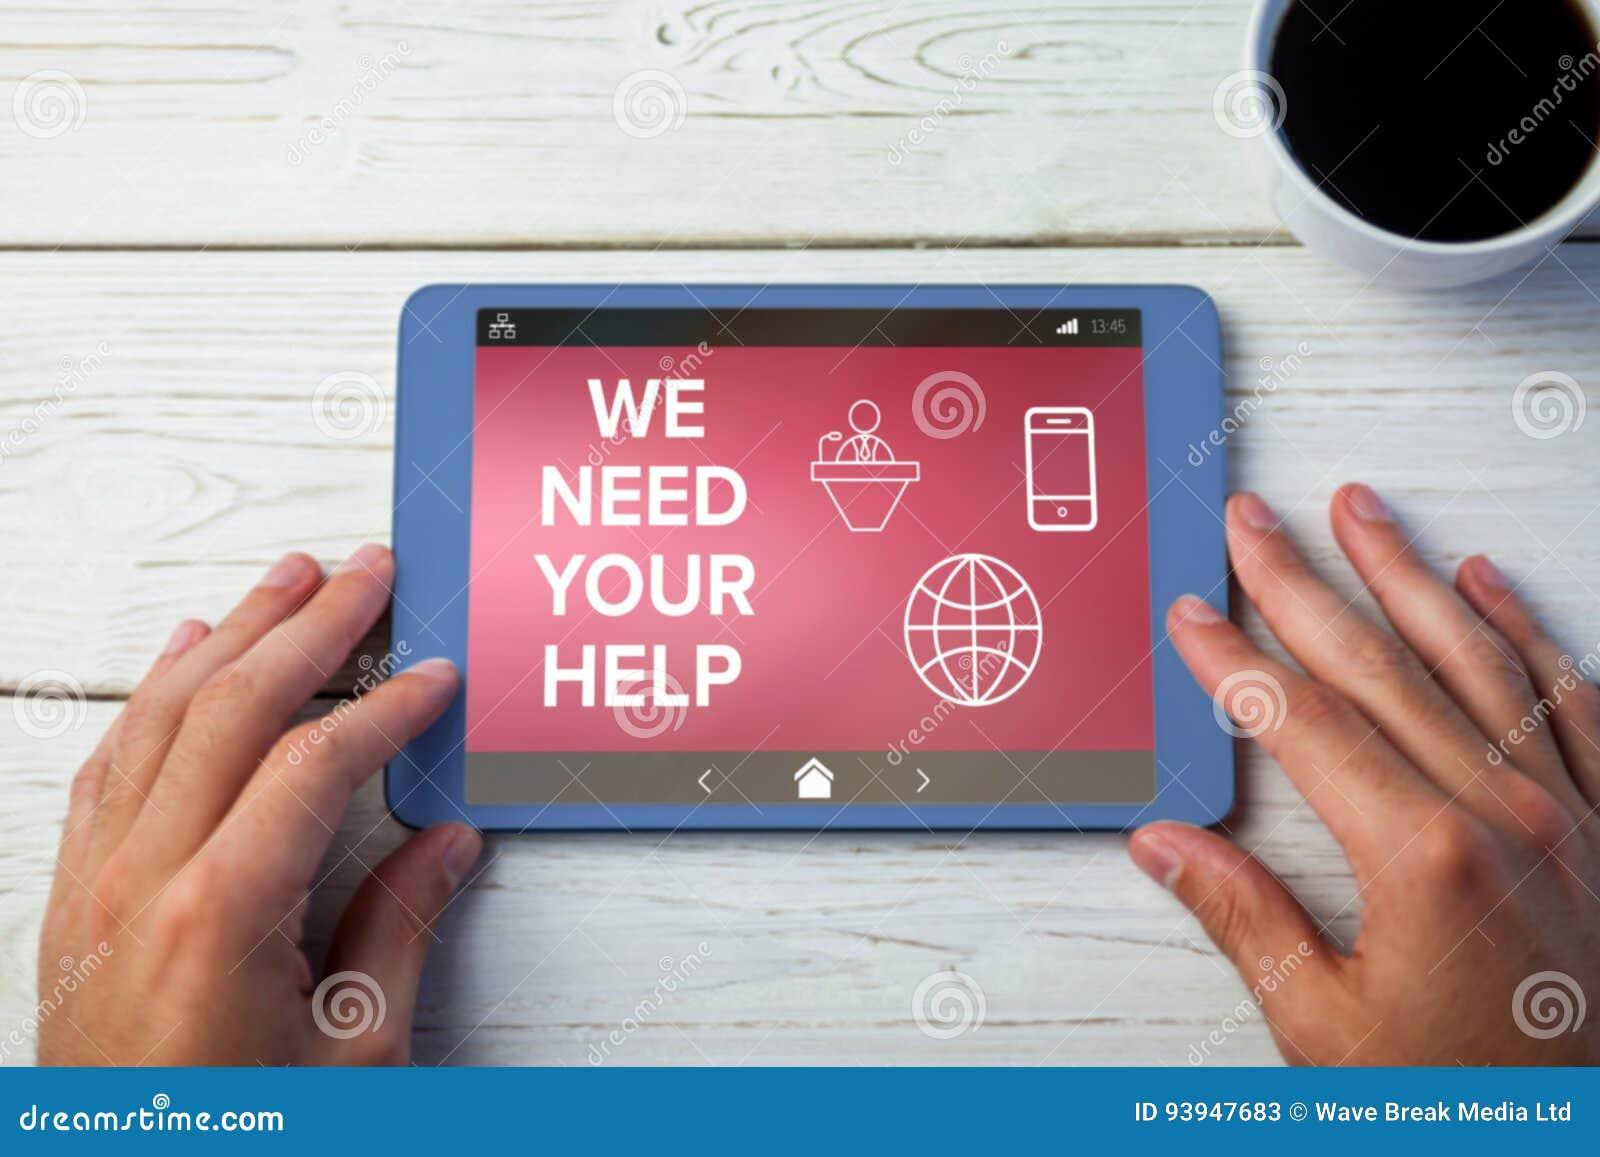 Imagen compuesta de nosotros necesitamos su texto de ayuda con los diversos iconos en la pantalla